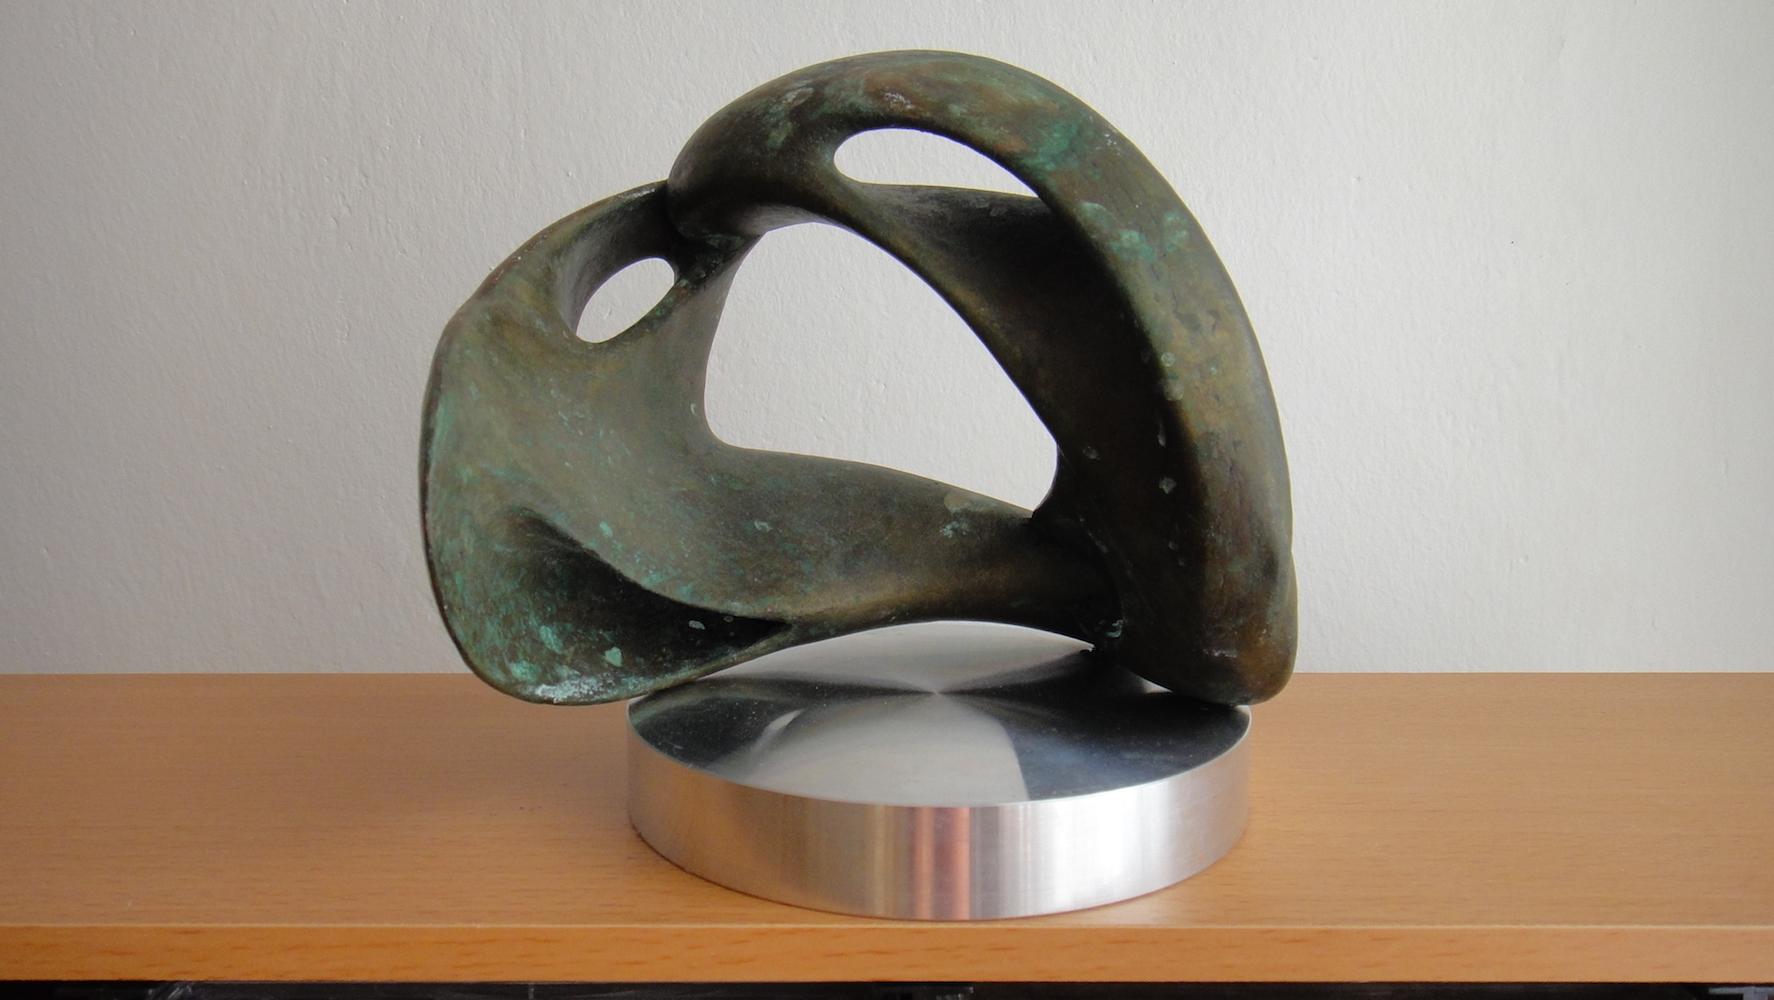 2009, Sieťka, digitálna socha, bronz, 15x15x15 cm